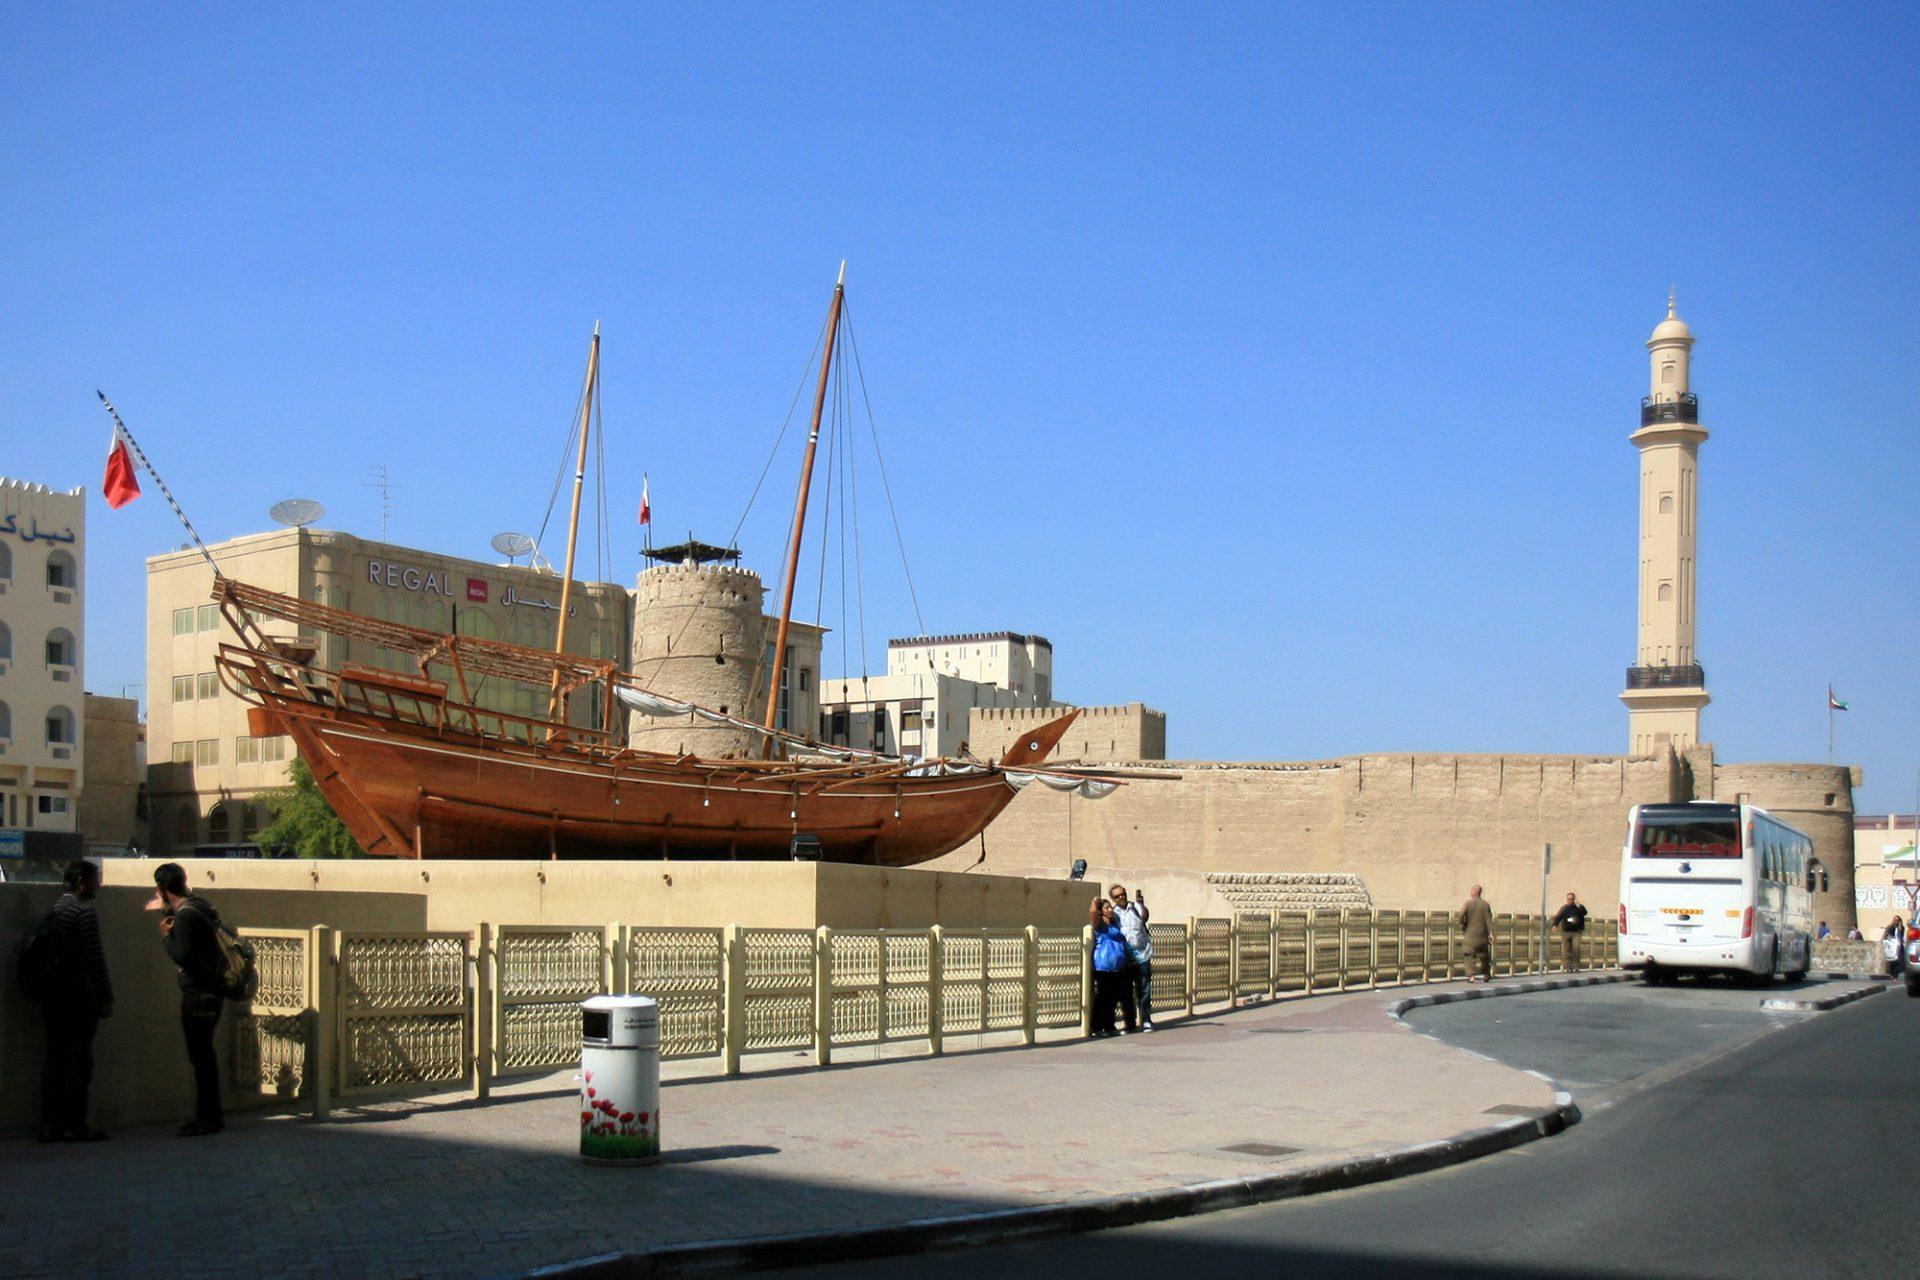 Al Fahidi Fort. Das 1799 aus Lehmziegeln erbaute Al Fahidi Fort ist die älteste Befestigungsanlage der Stadt und beheimatet heute das Dubai Museum.